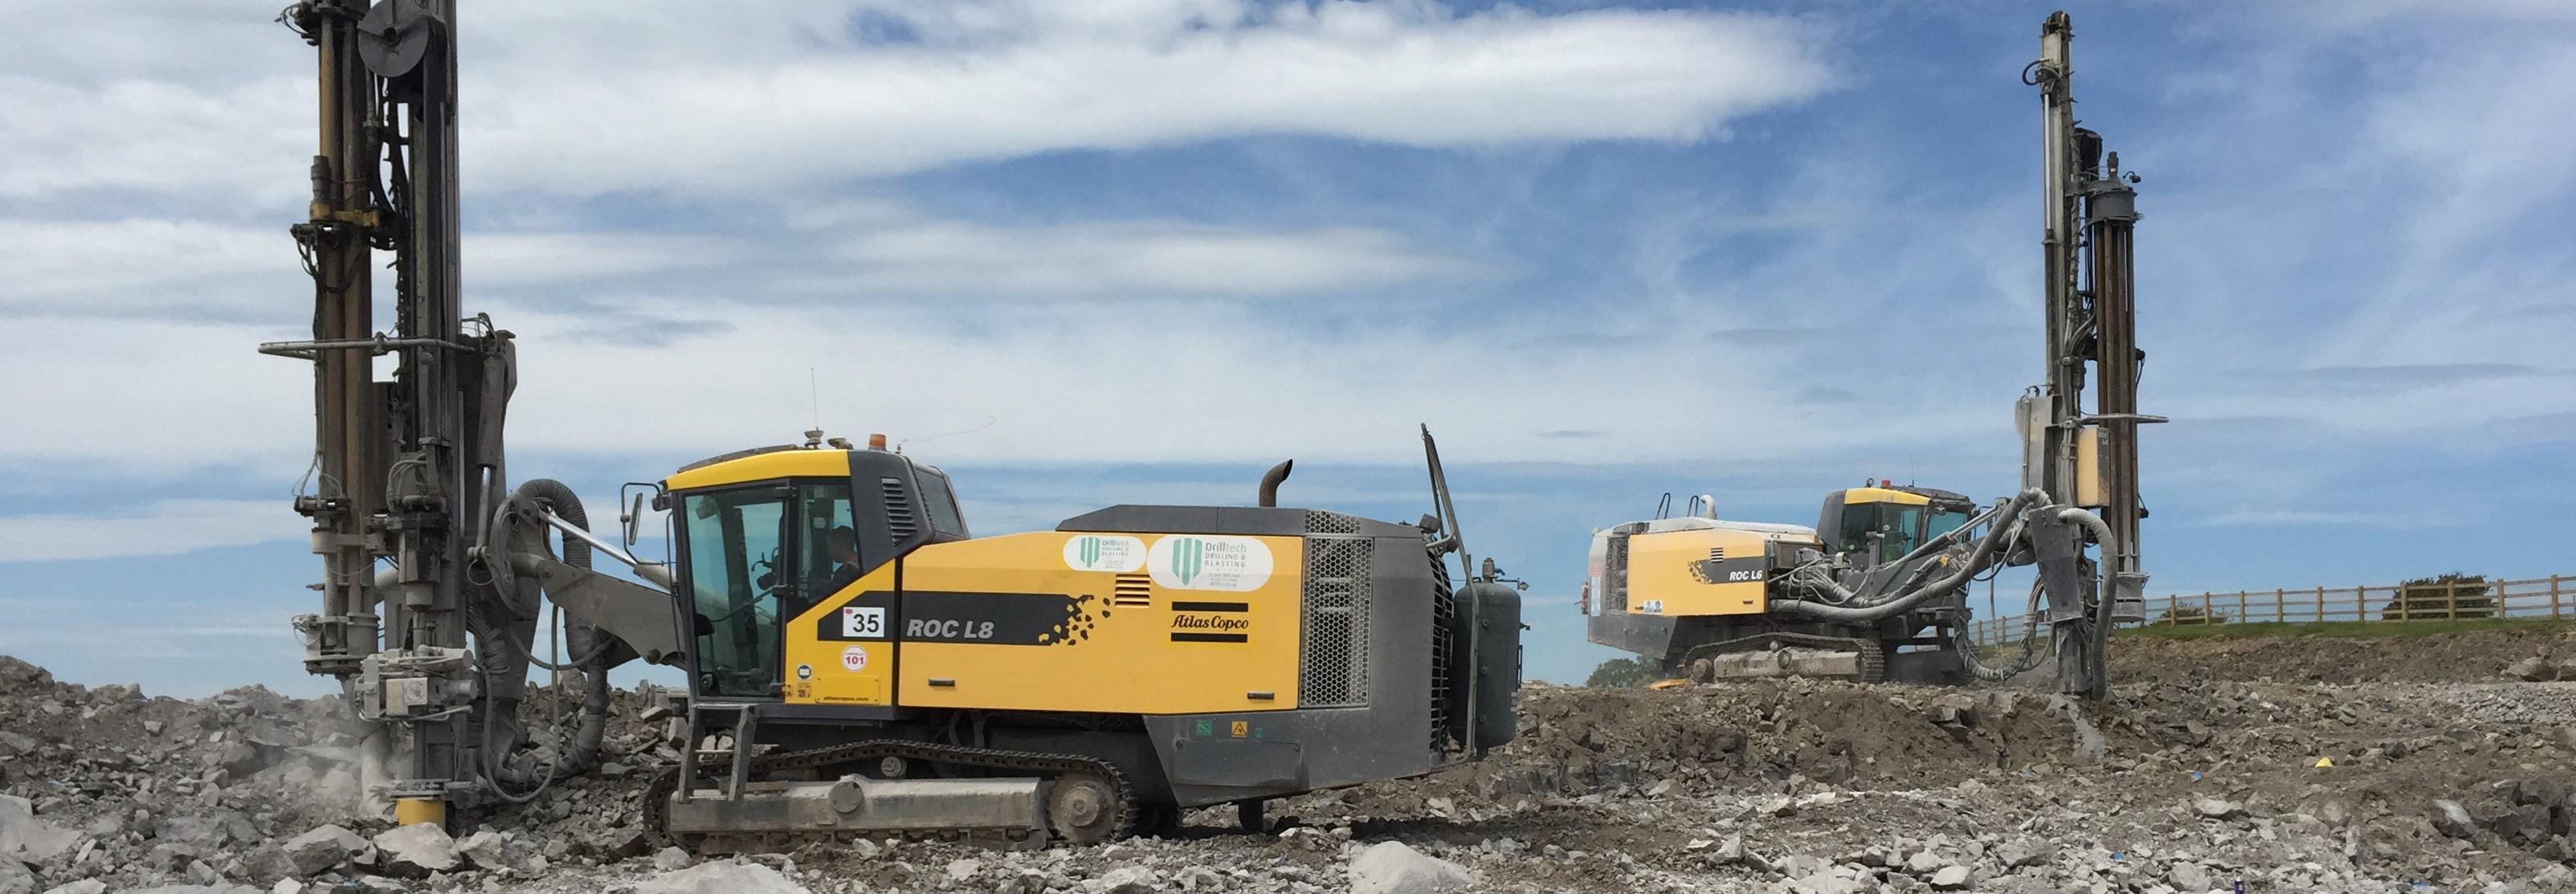 Drilling, Blasting & Crushing - Drilltech Drilling, Blasting